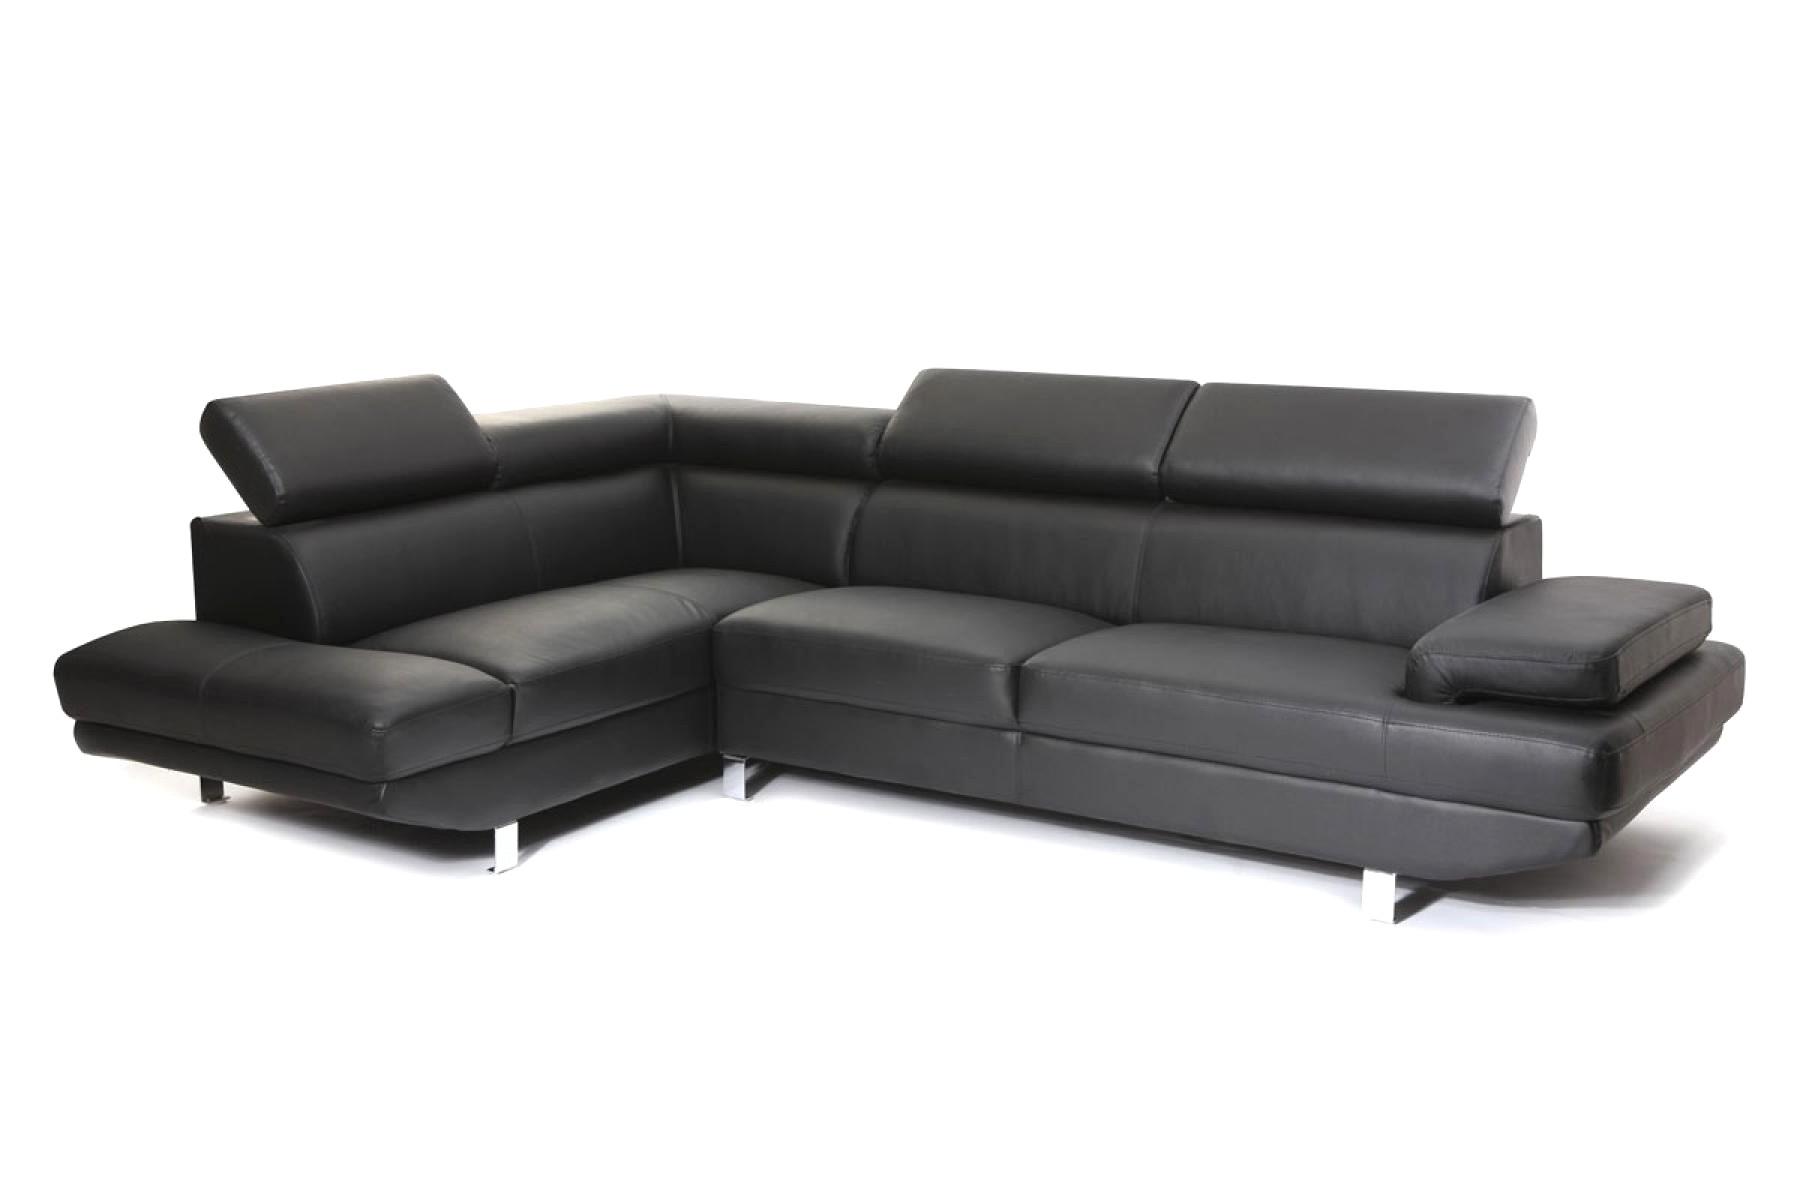 Canapé Modulable Ikea Impressionnant Photographie Design D Int Rieur Canape Cuir De Qualite Ou Acheter Un Canape En